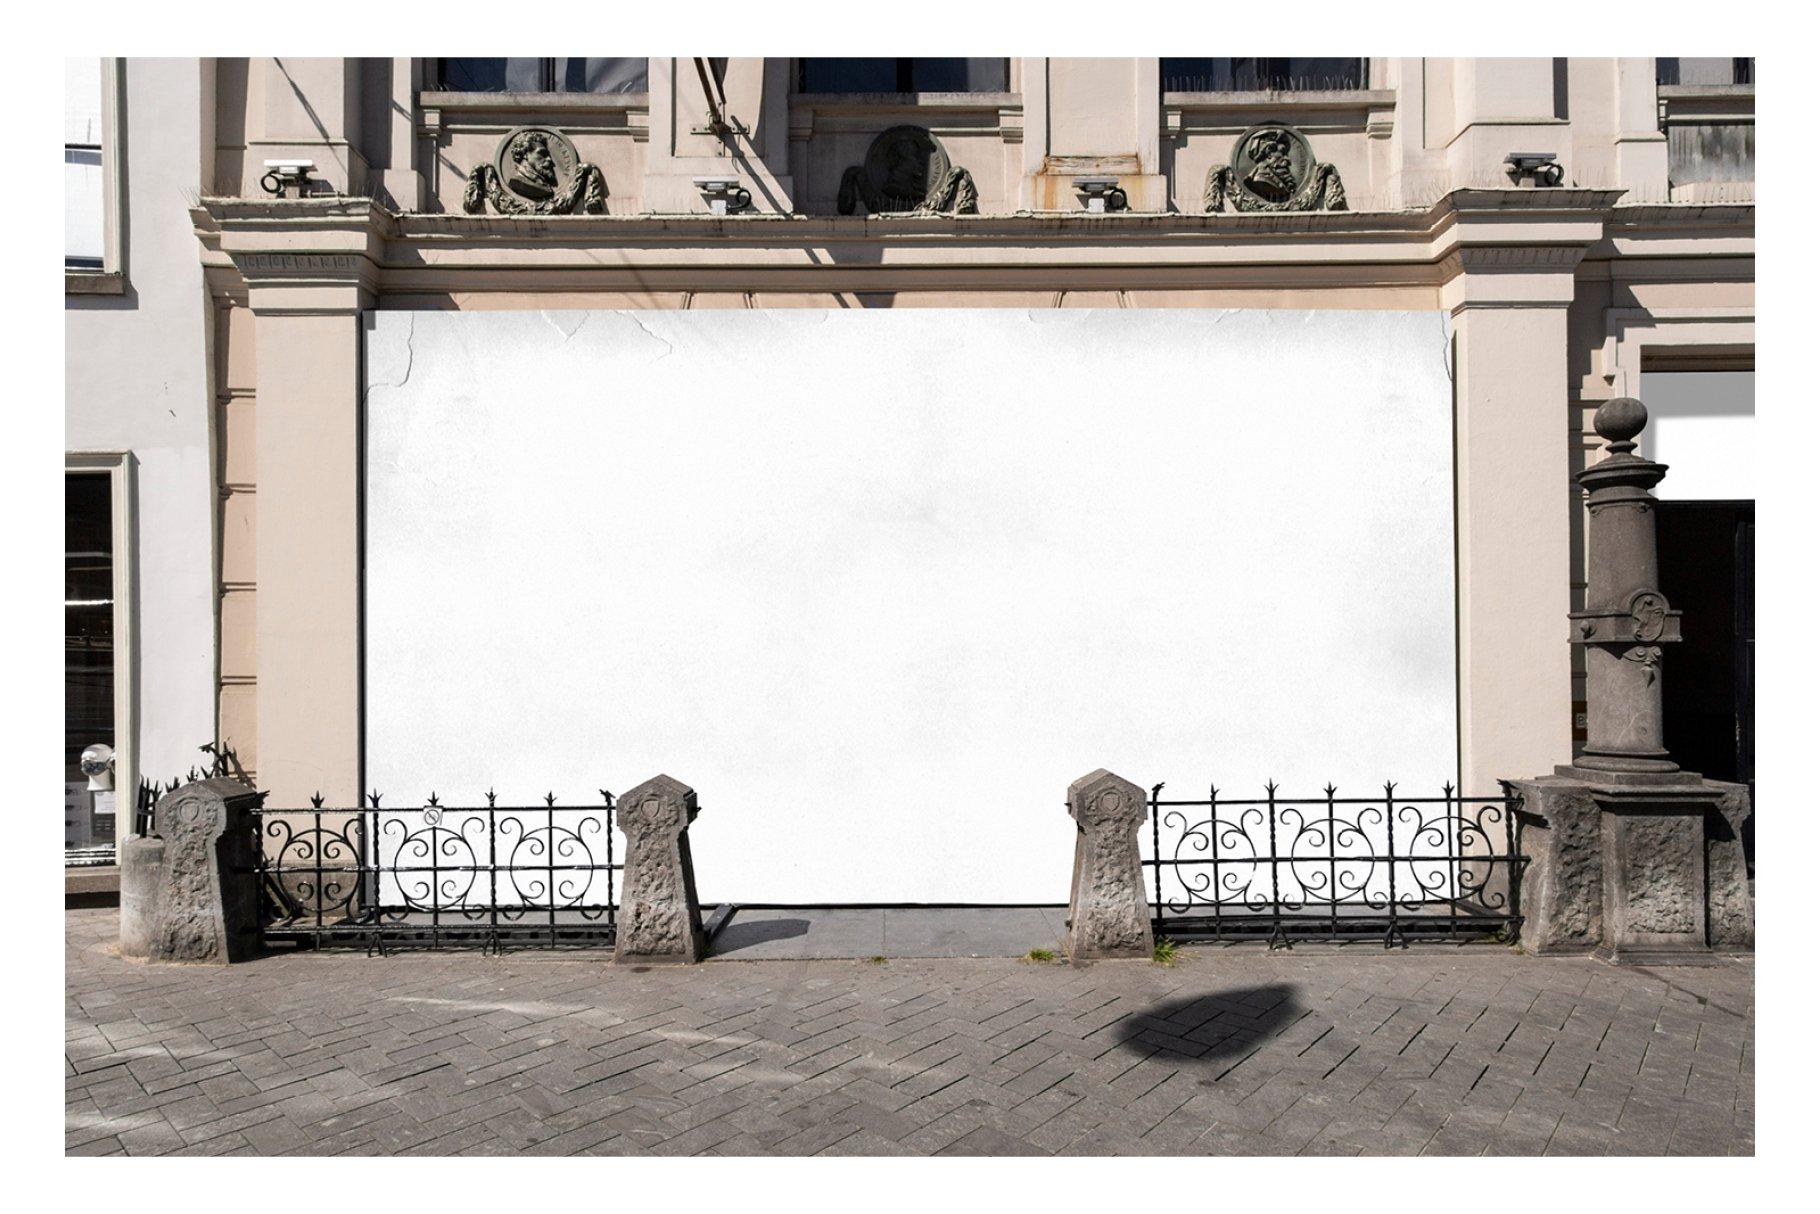 时尚街头店铺外里面橱窗玻璃贴纸广告海报设计展示样机 Shop Facade Mockup Bundle插图10